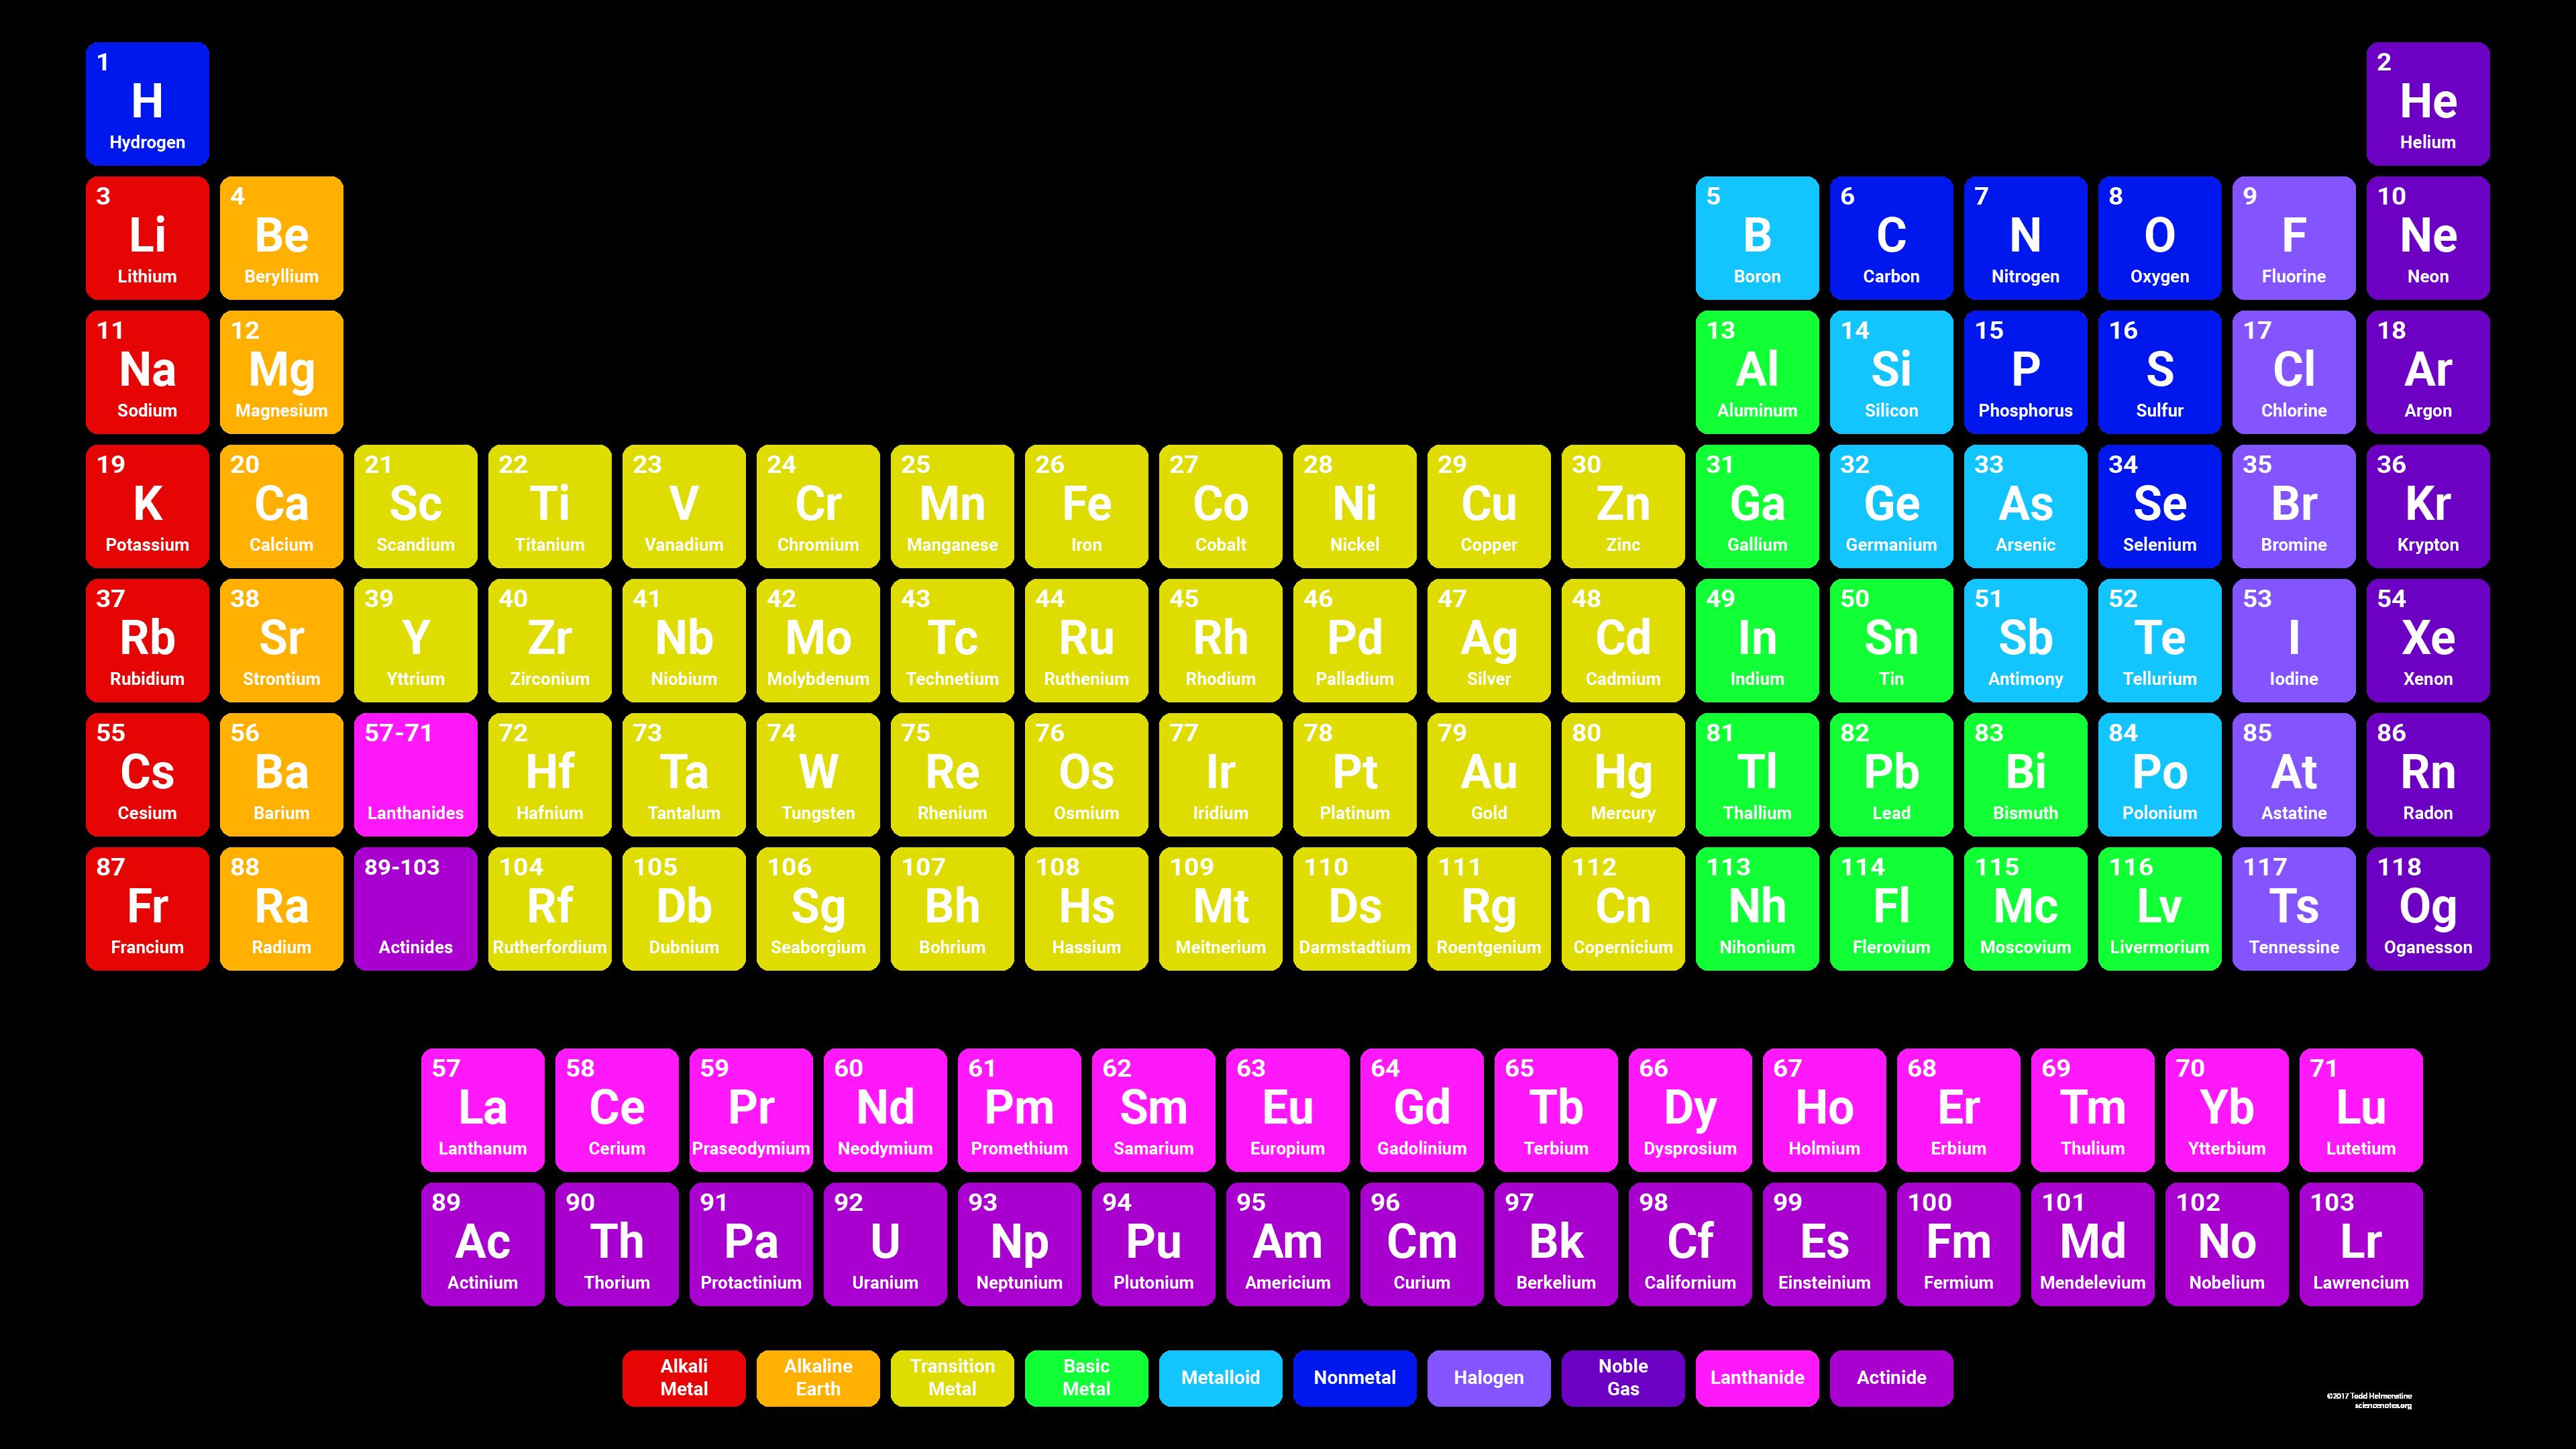 periodic table quiz sporcle images periodic table and sample with periodic table quiz sporcle images periodic - Periodic Table Quiz Sporcle